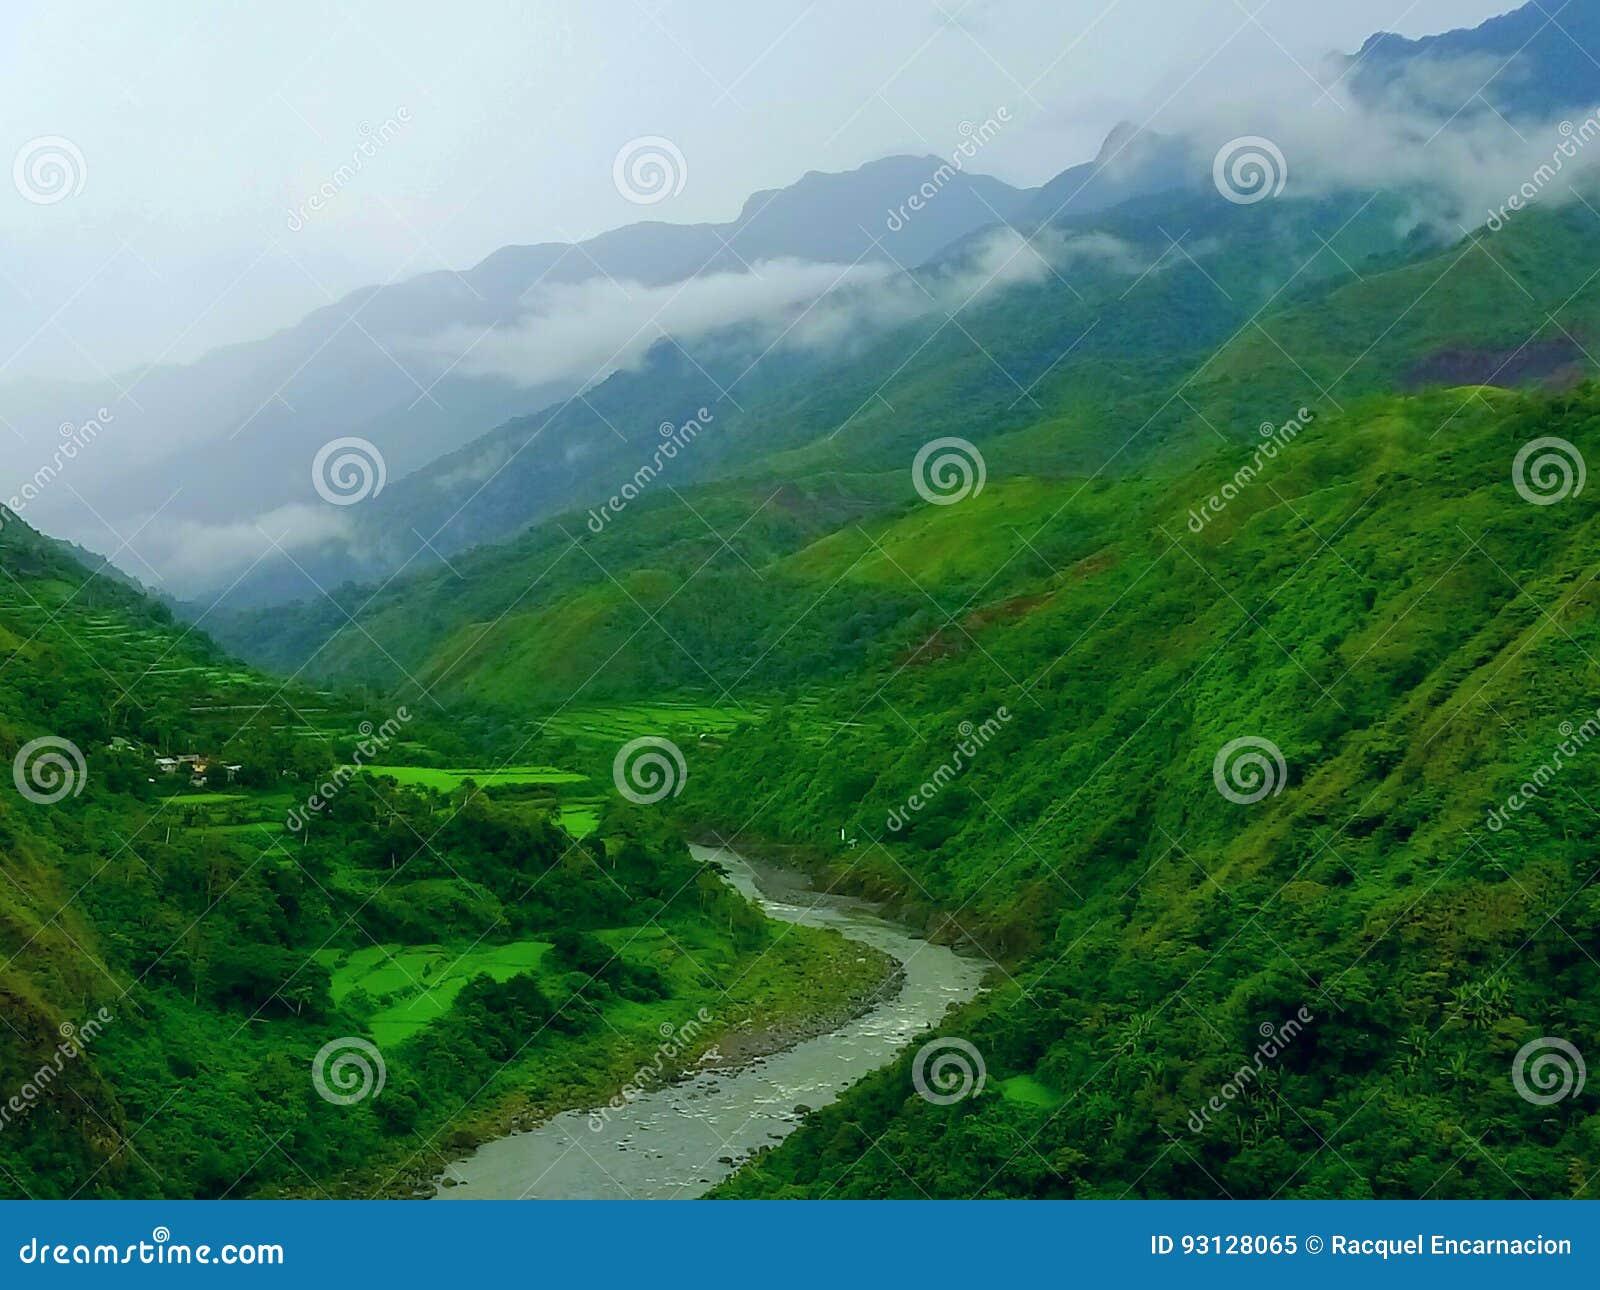 Sleeping Beauty Stock Image Image Of Mountain Like 93128065